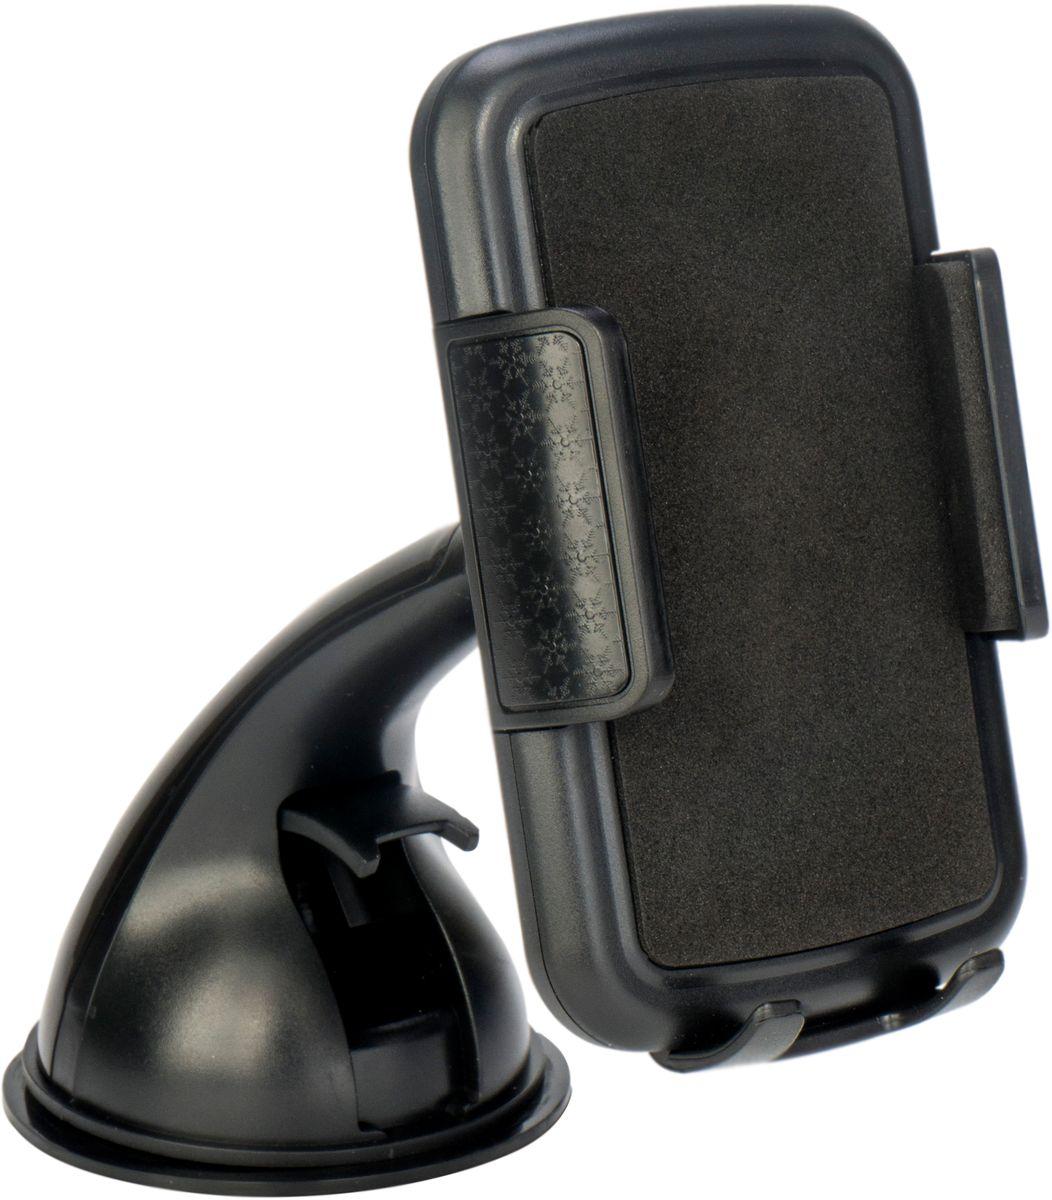 Держатель автомобильный Zipower, для телефона, 48-90 мм. PM 6623 автомобильный держатель zipower pm 6623 черный